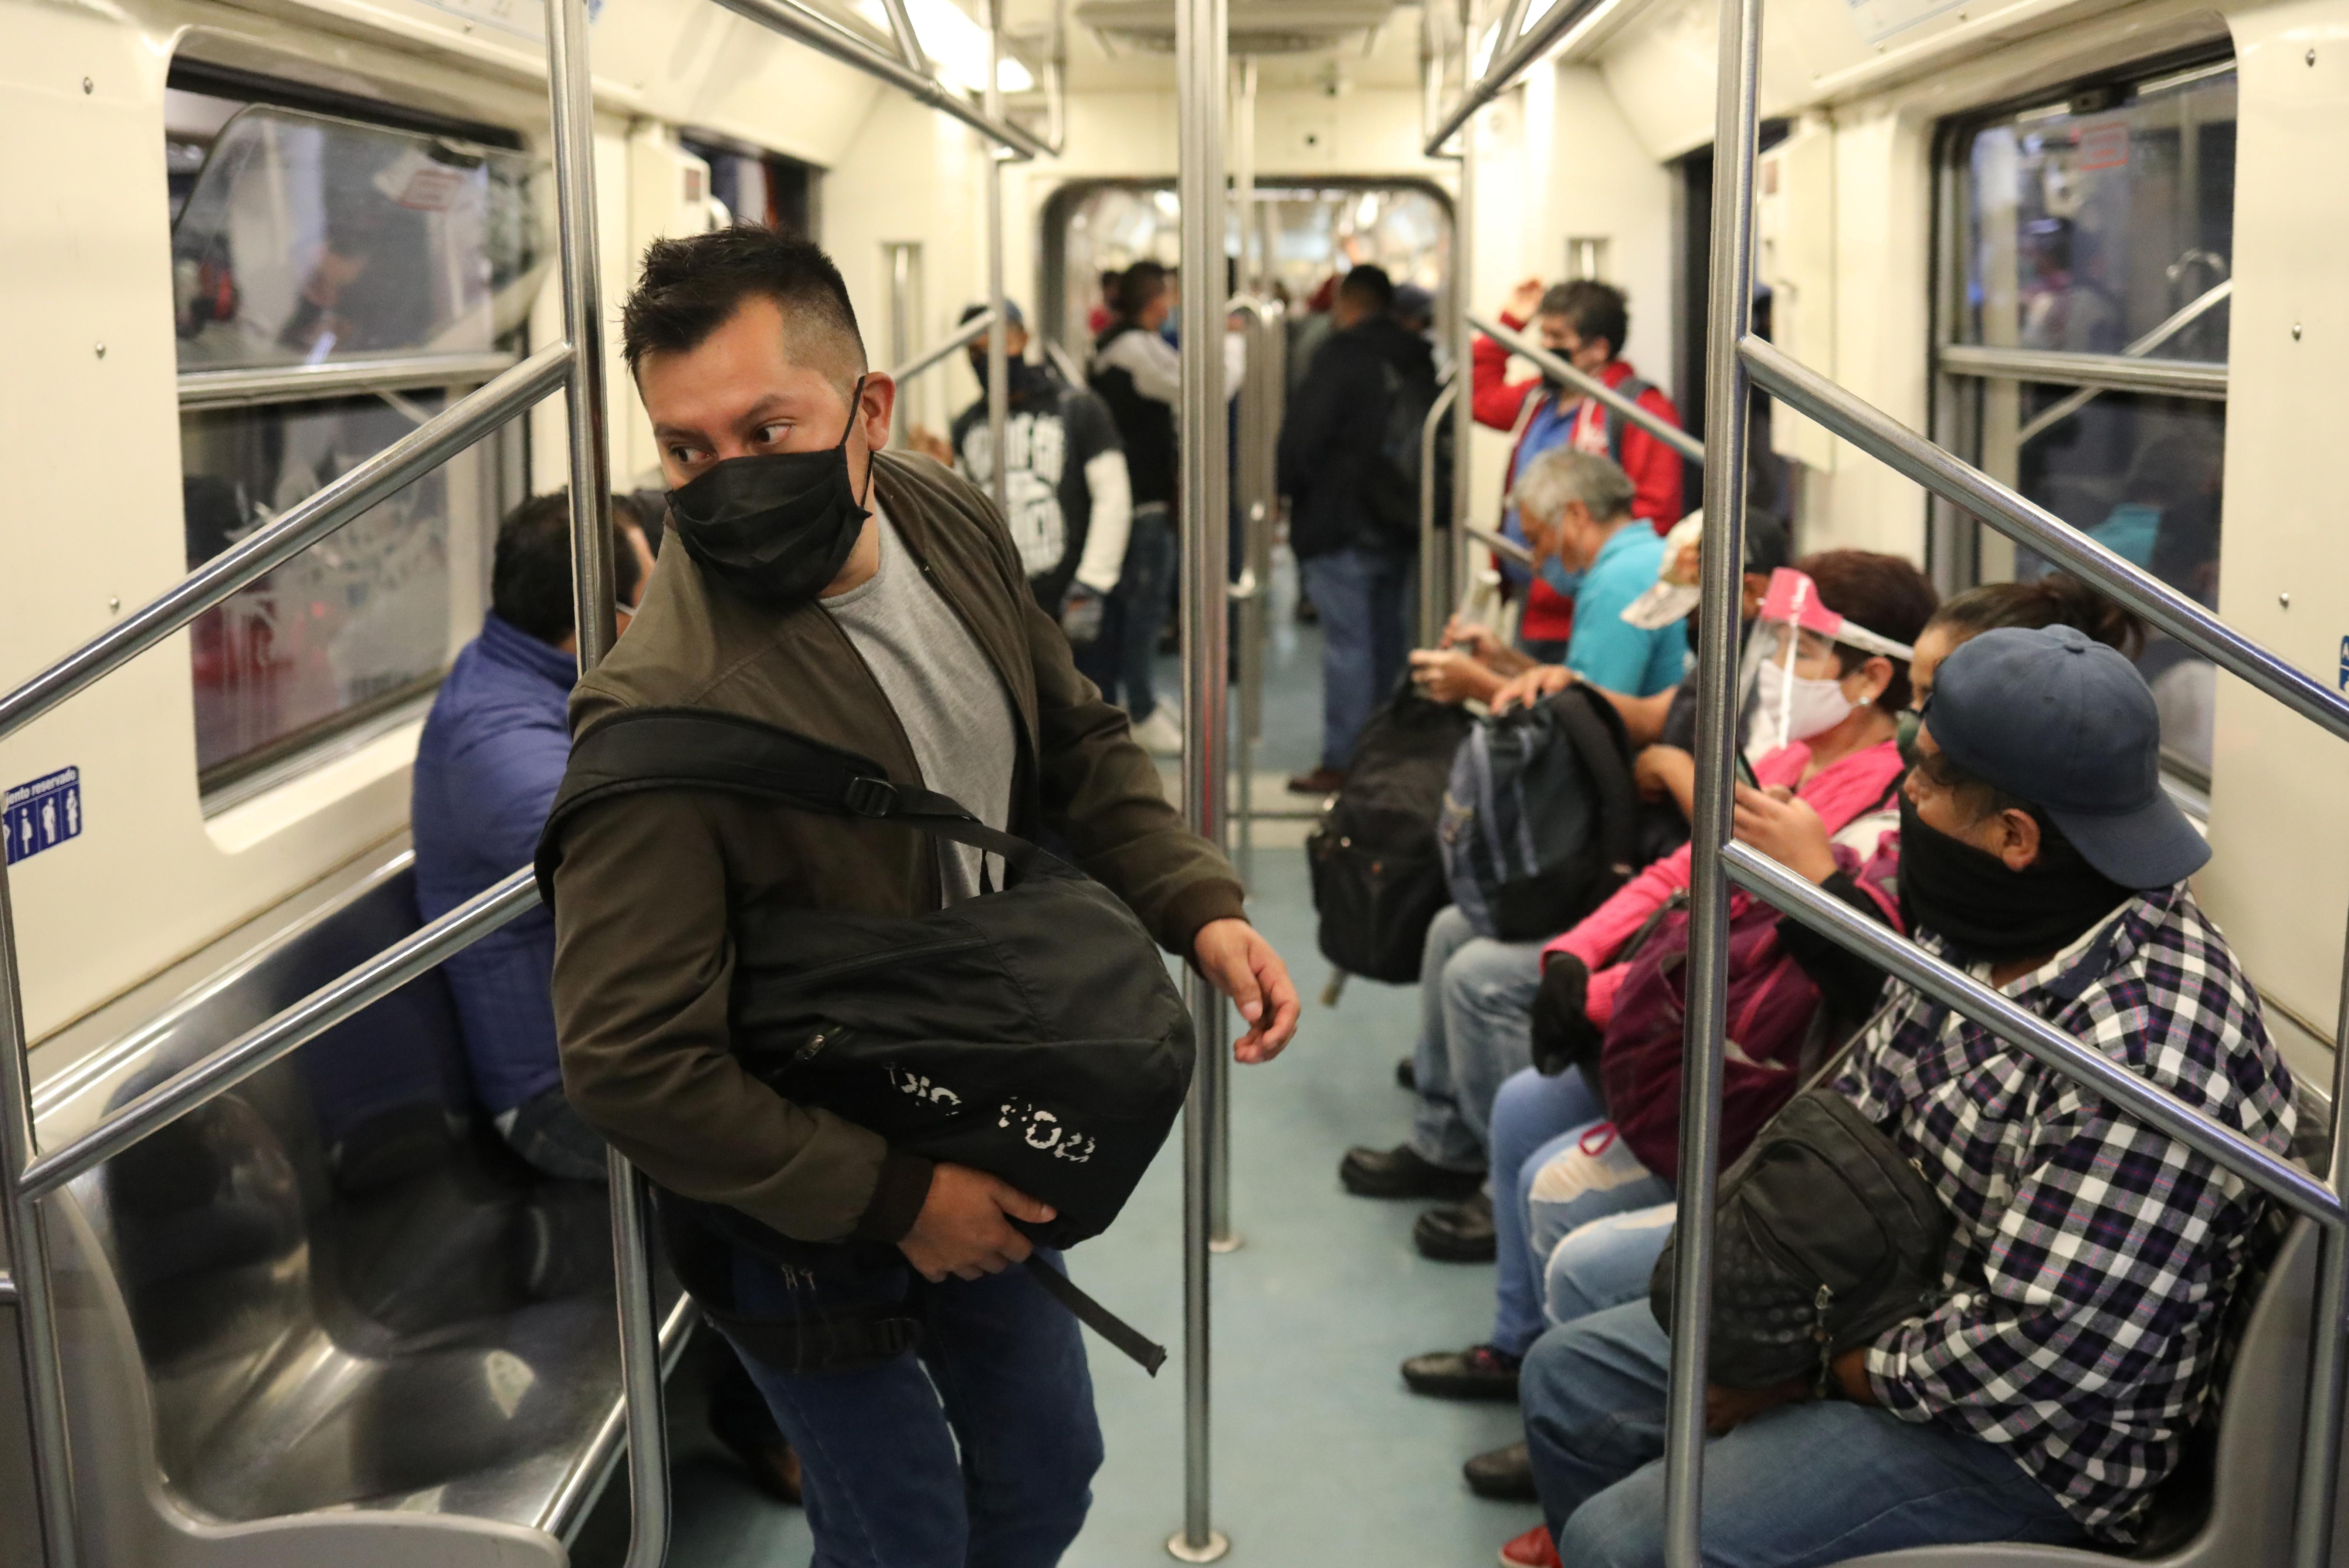 Las personas que usan máscaras protectoras se ven dentro de un tren después de que el gobierno de la ciudad levantó las restricciones. Ciudad de México, México. Junio 15, 2020. Foto: Reuters.